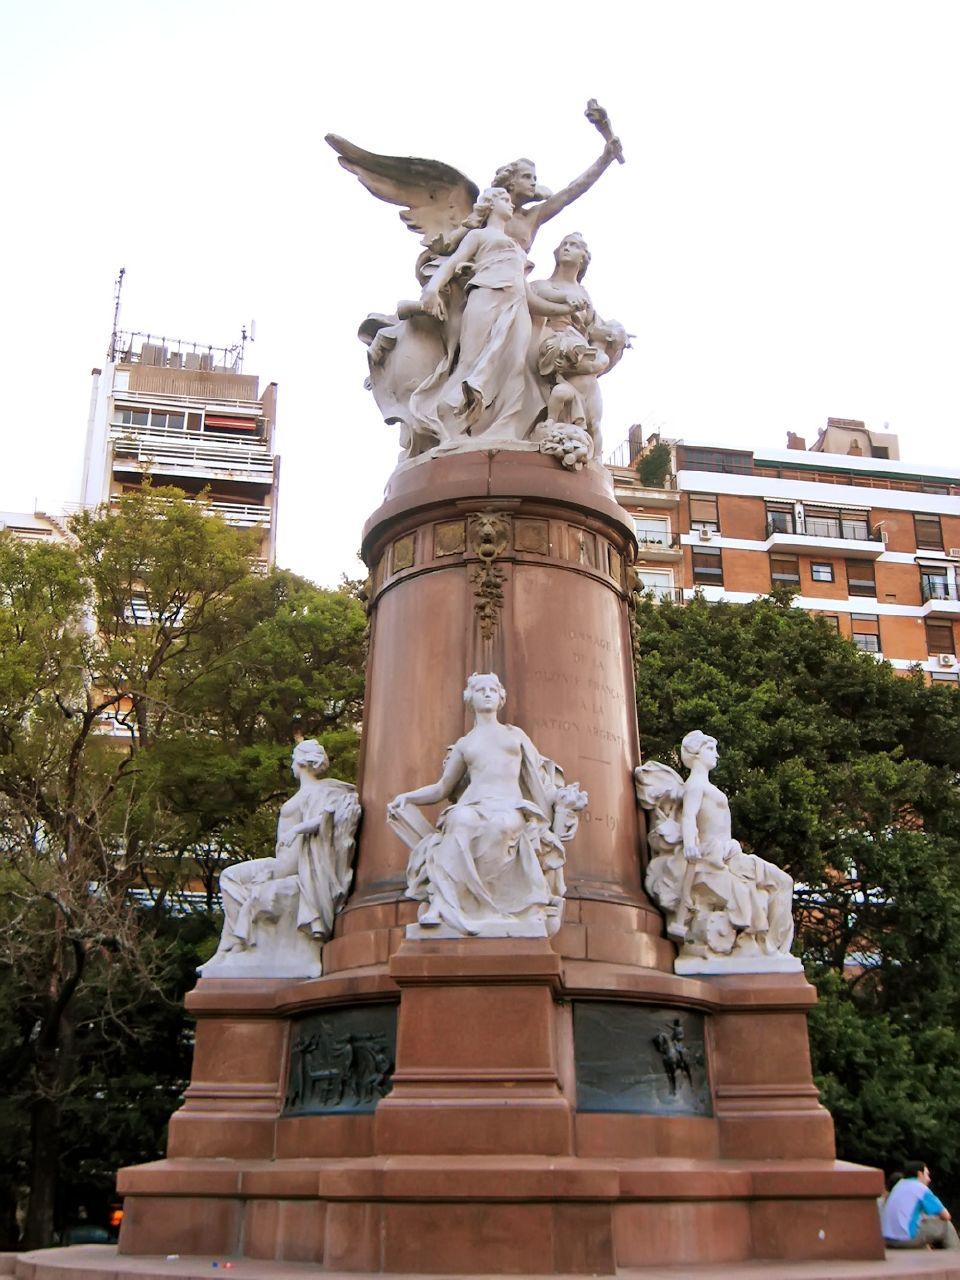 Monumento donado a la Argentina por Francia en ocasión del centenario 1910